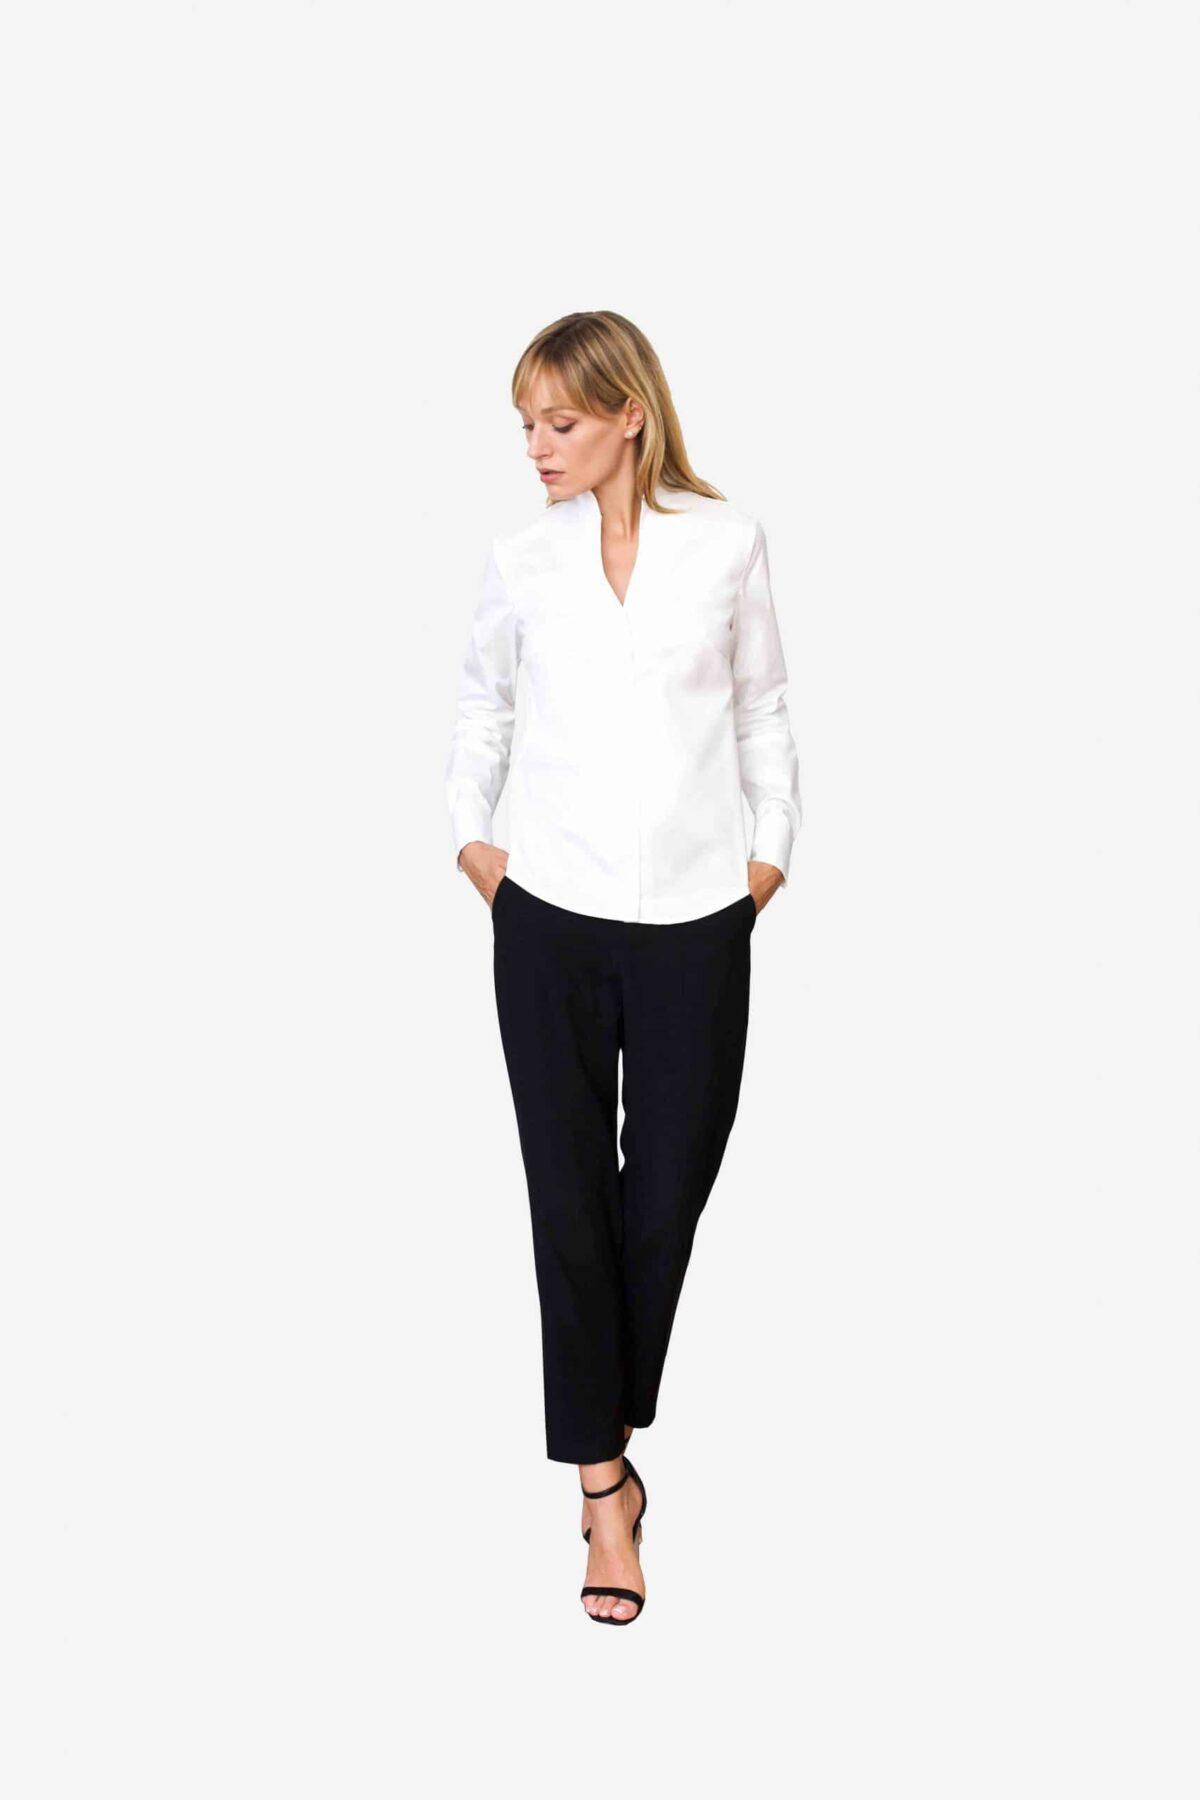 Bluse Sheirlyn von SANOGE. Stilvolle Designer Business Bluse in weiß mit Kelchkragen. Stehkragen. und Umschlagmanschetten.